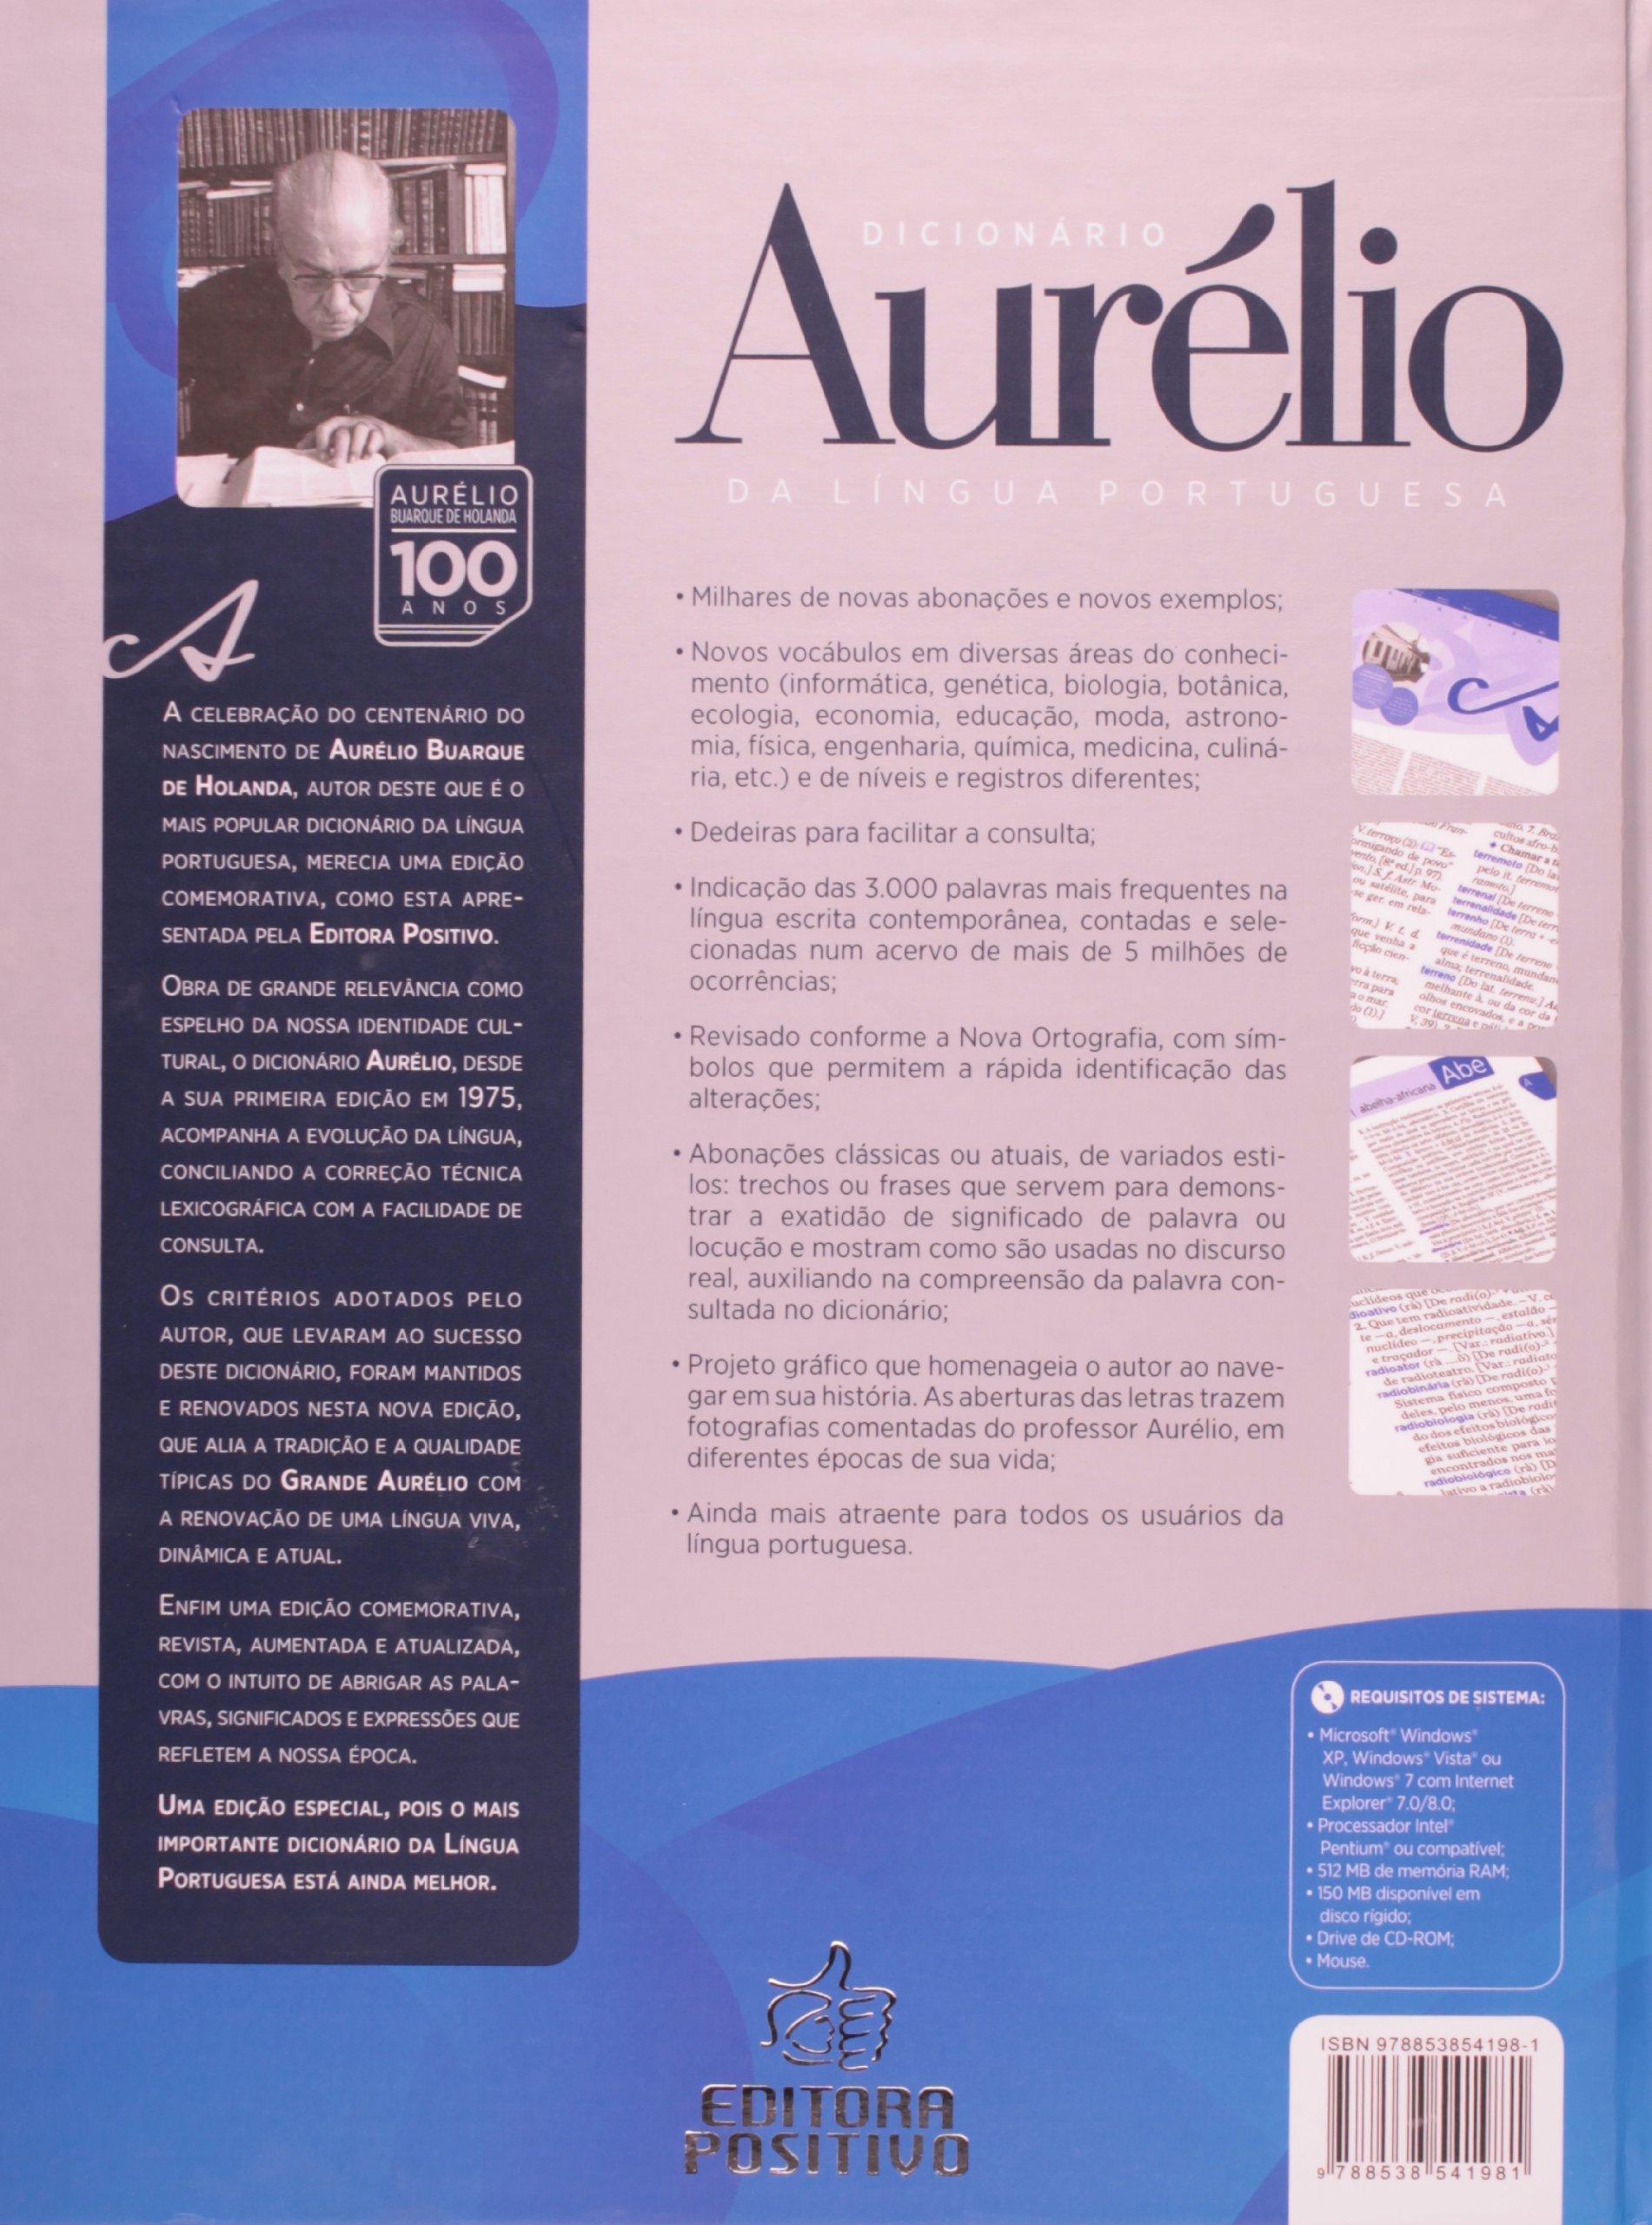 TABLET PARA DOWNLOAD ANDROID AURELIO GRÁTIS DICIONARIO